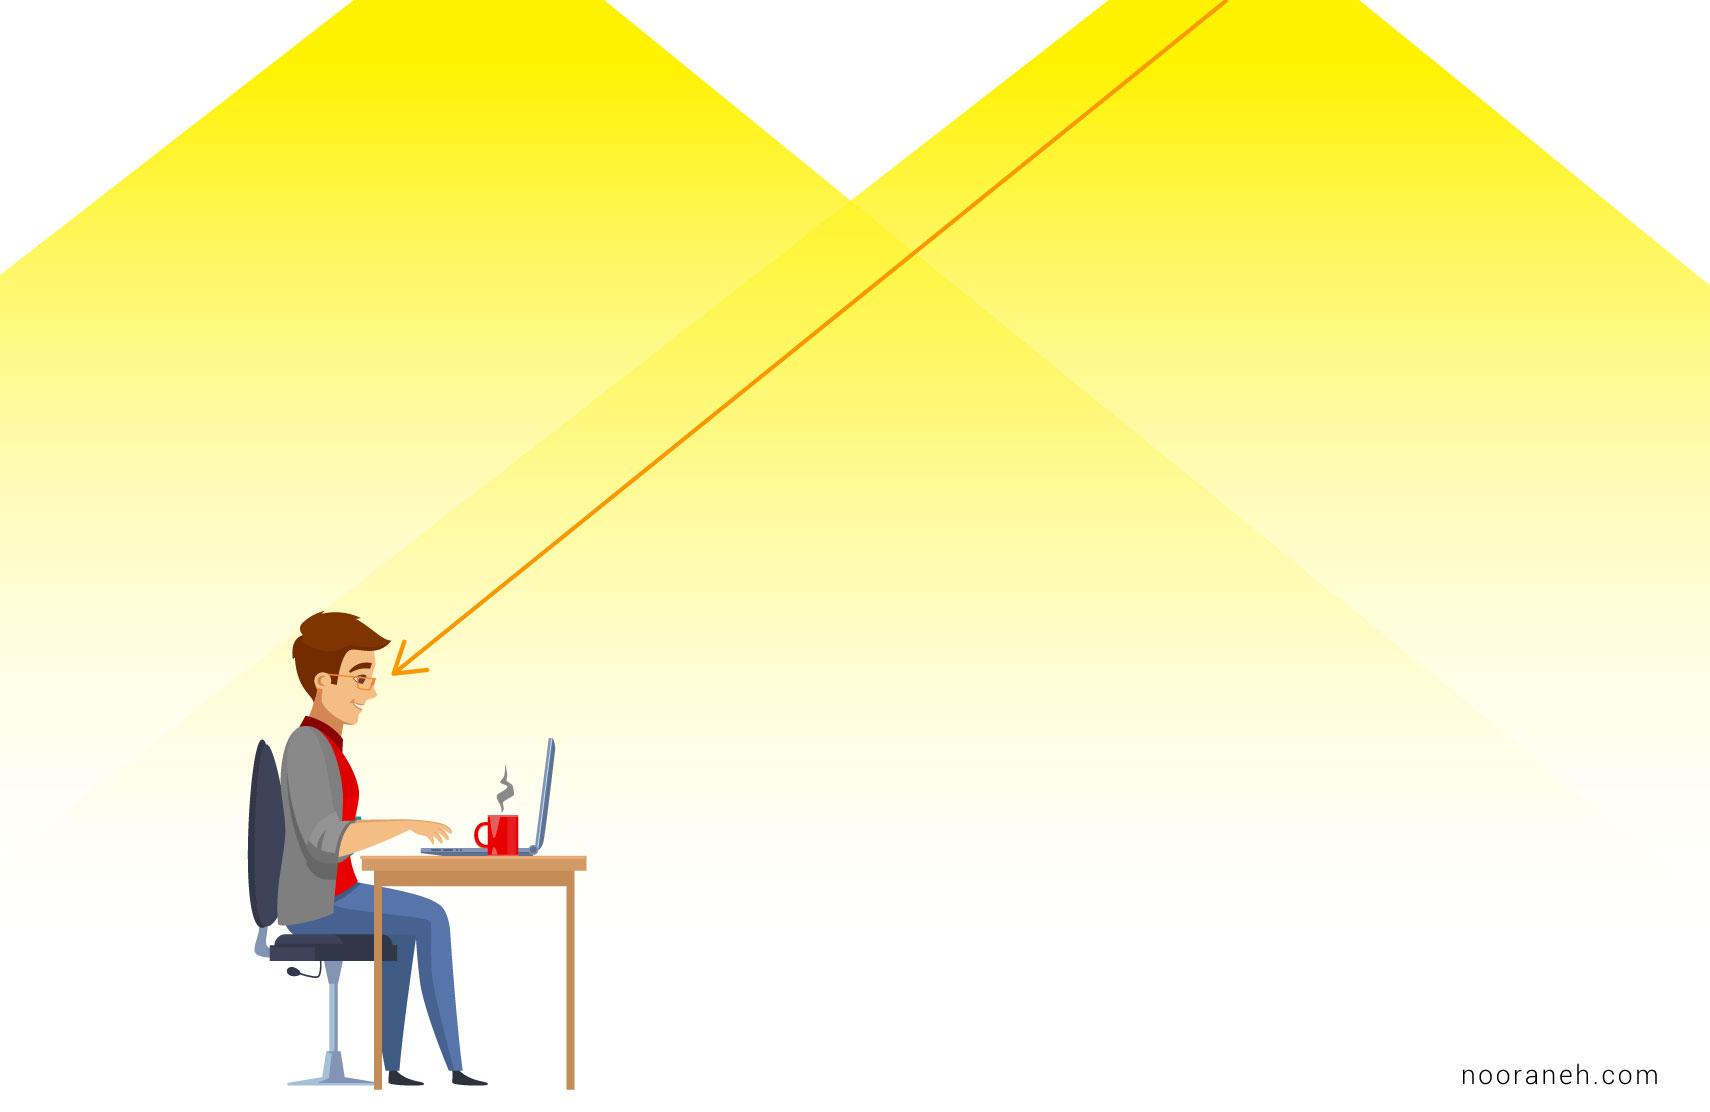 تصویر خیرگی مستقیم UGR - نورپردازی نورانه